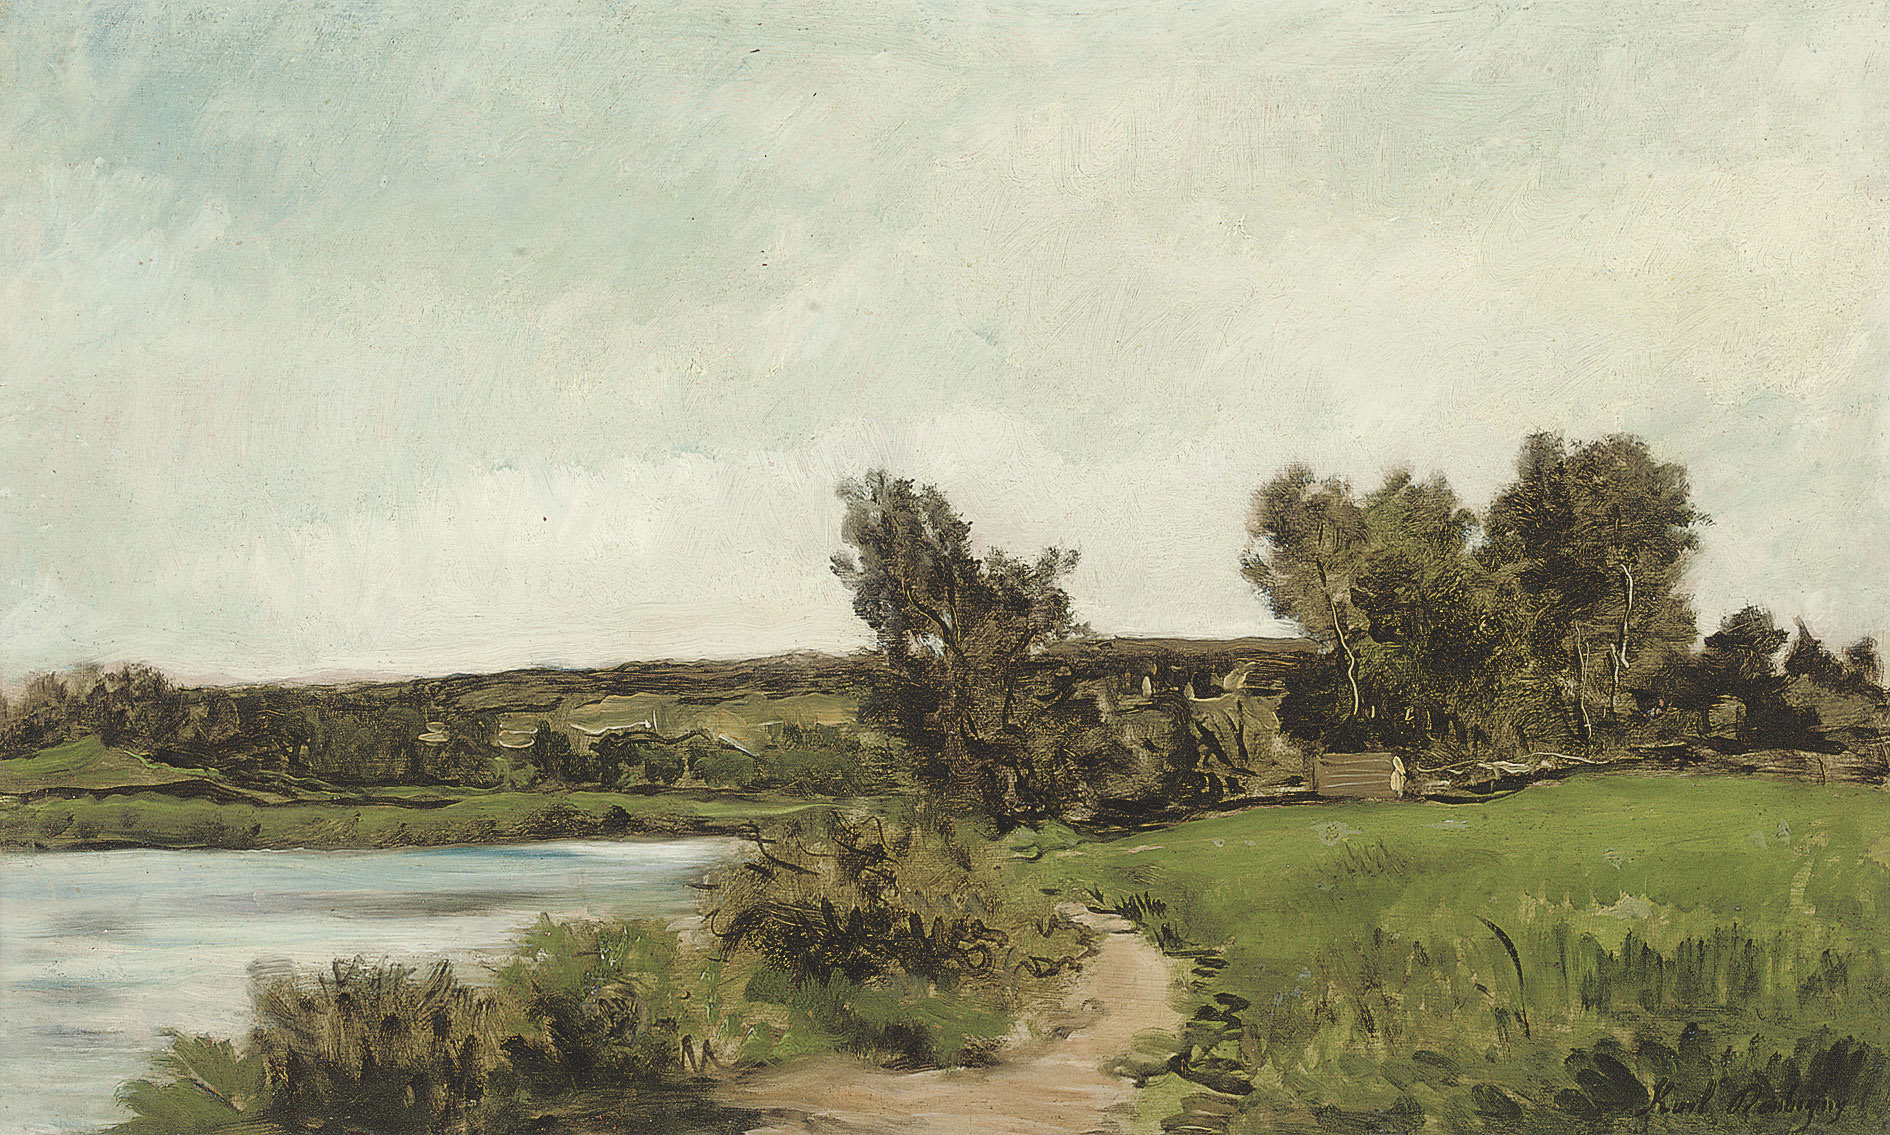 Karl Pierre Daubigny (French, 1846-1886)